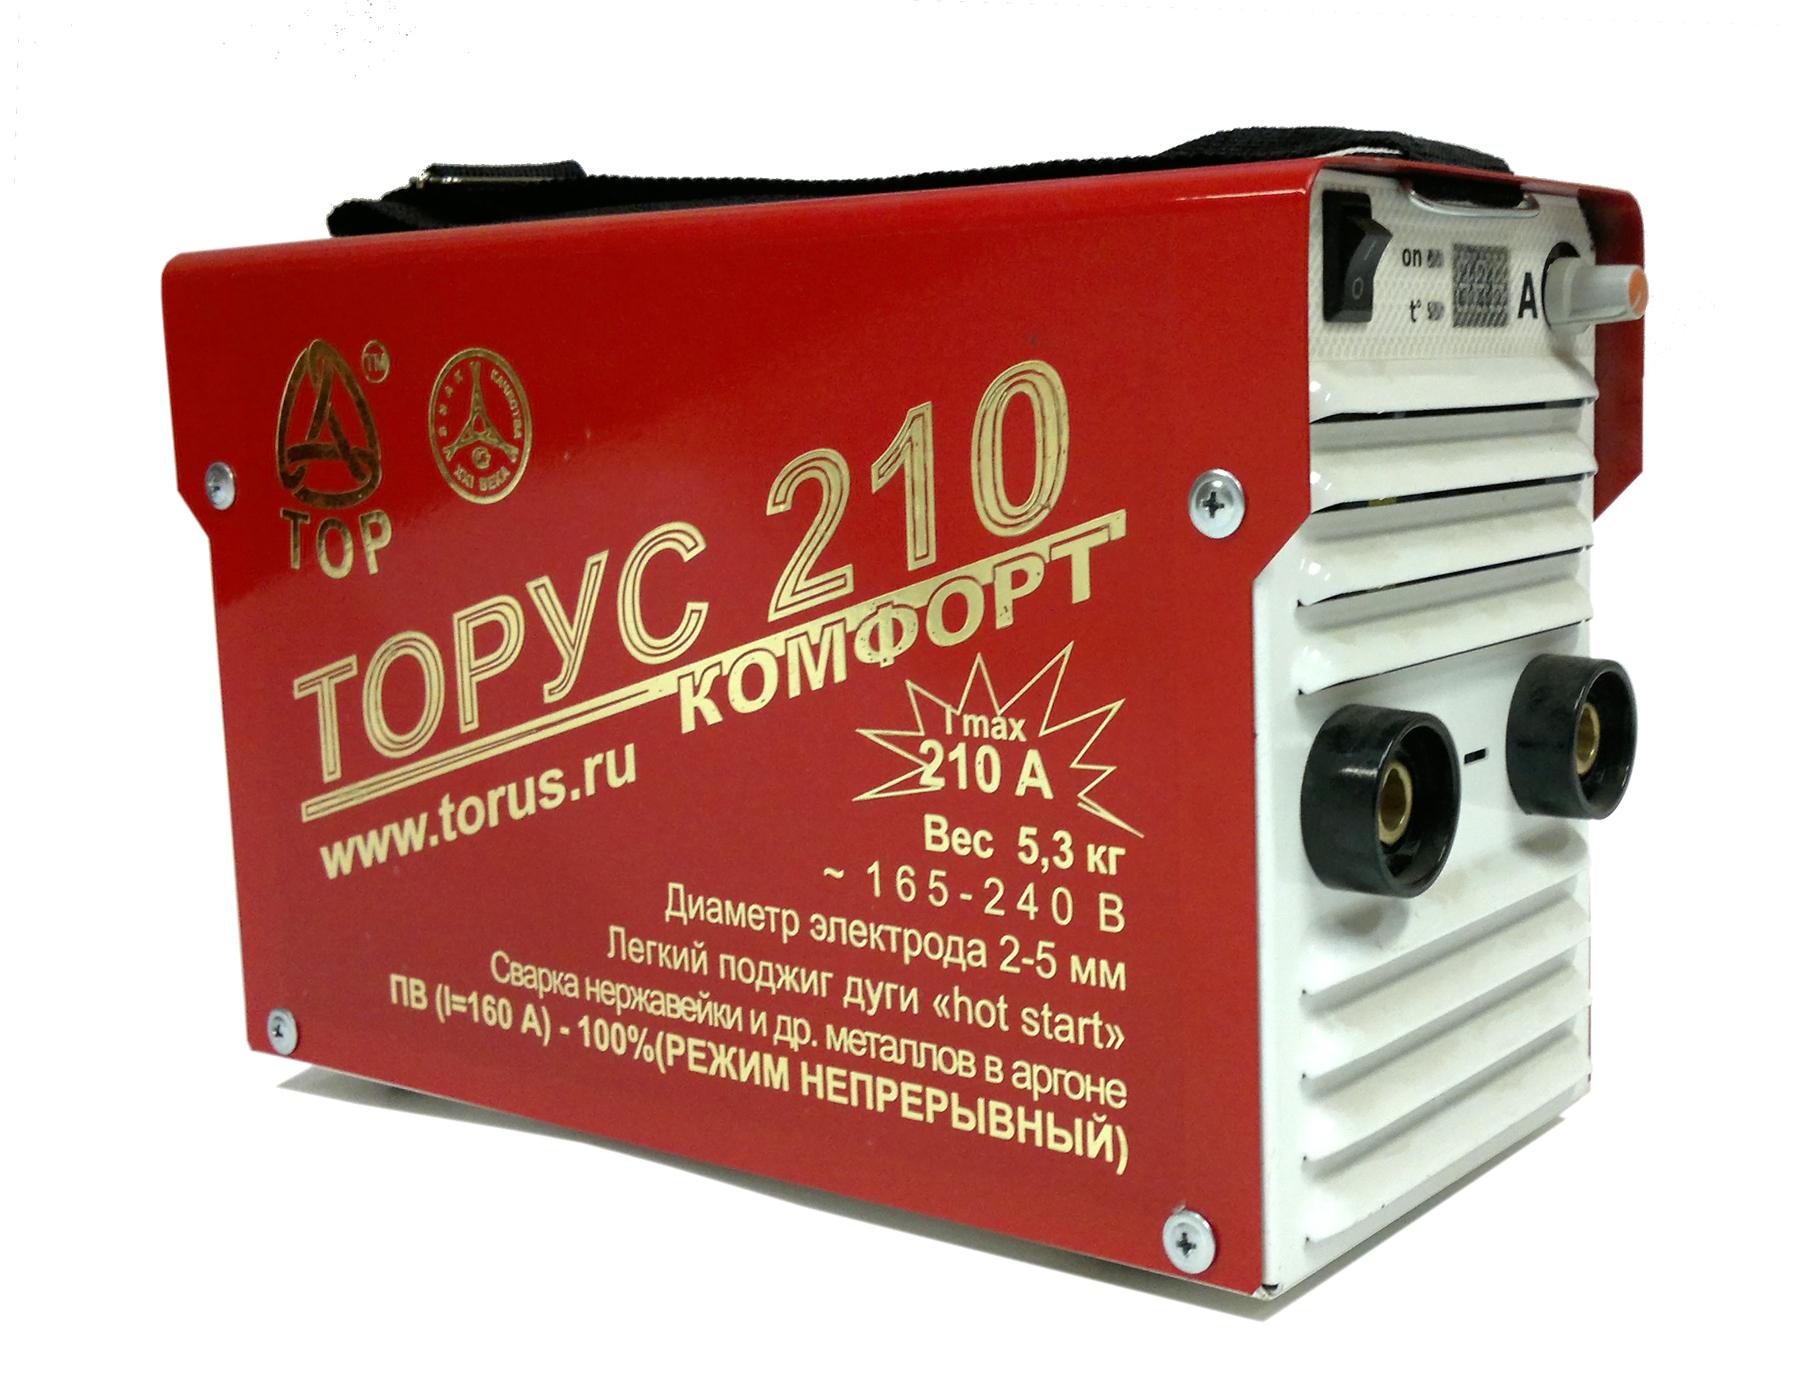 Сварочный аппарат ТОРУС 210 КОМФОРТ + провода